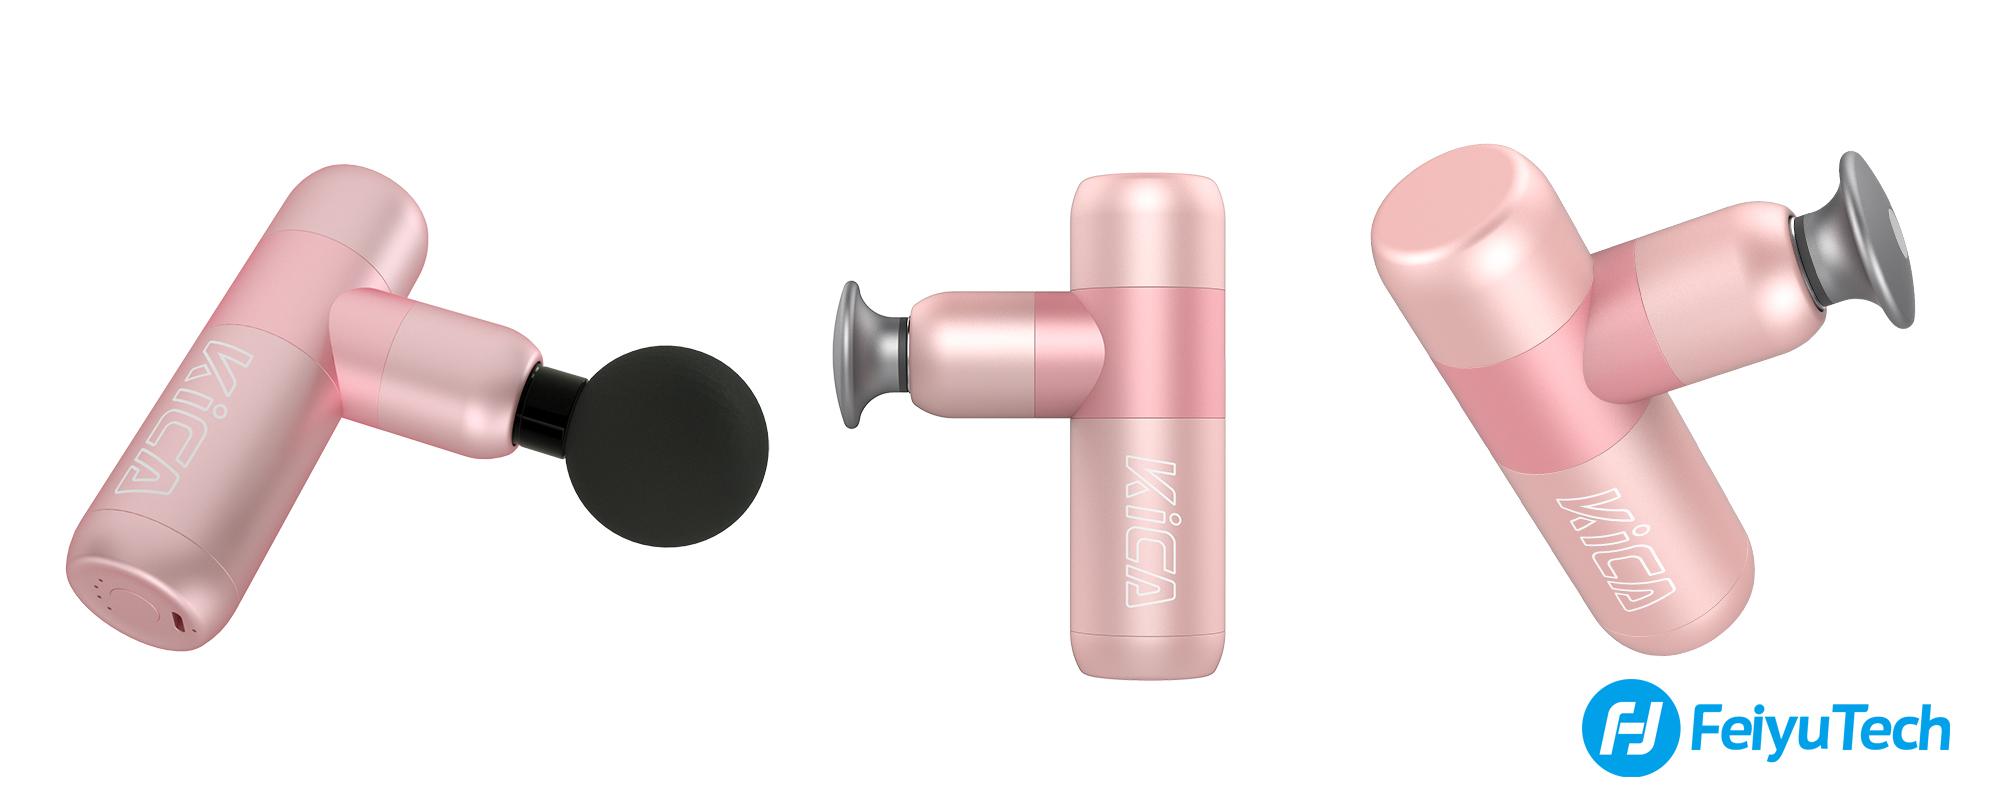 Grafika przedstawiająca masażer Kica K2 w kolorze różowym z różnych perspektyw